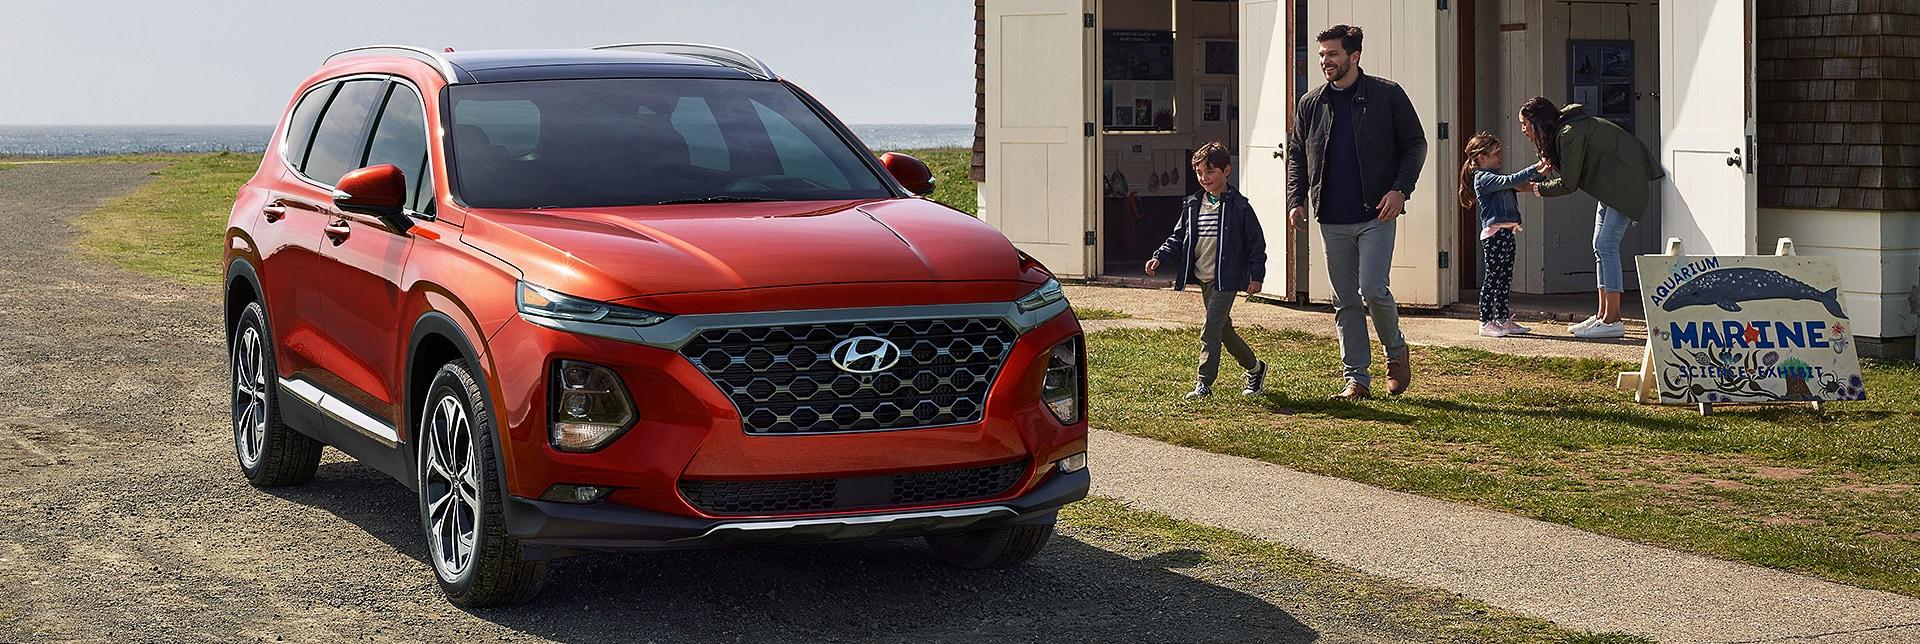 2019 Hyundai Santa Fe Chicago